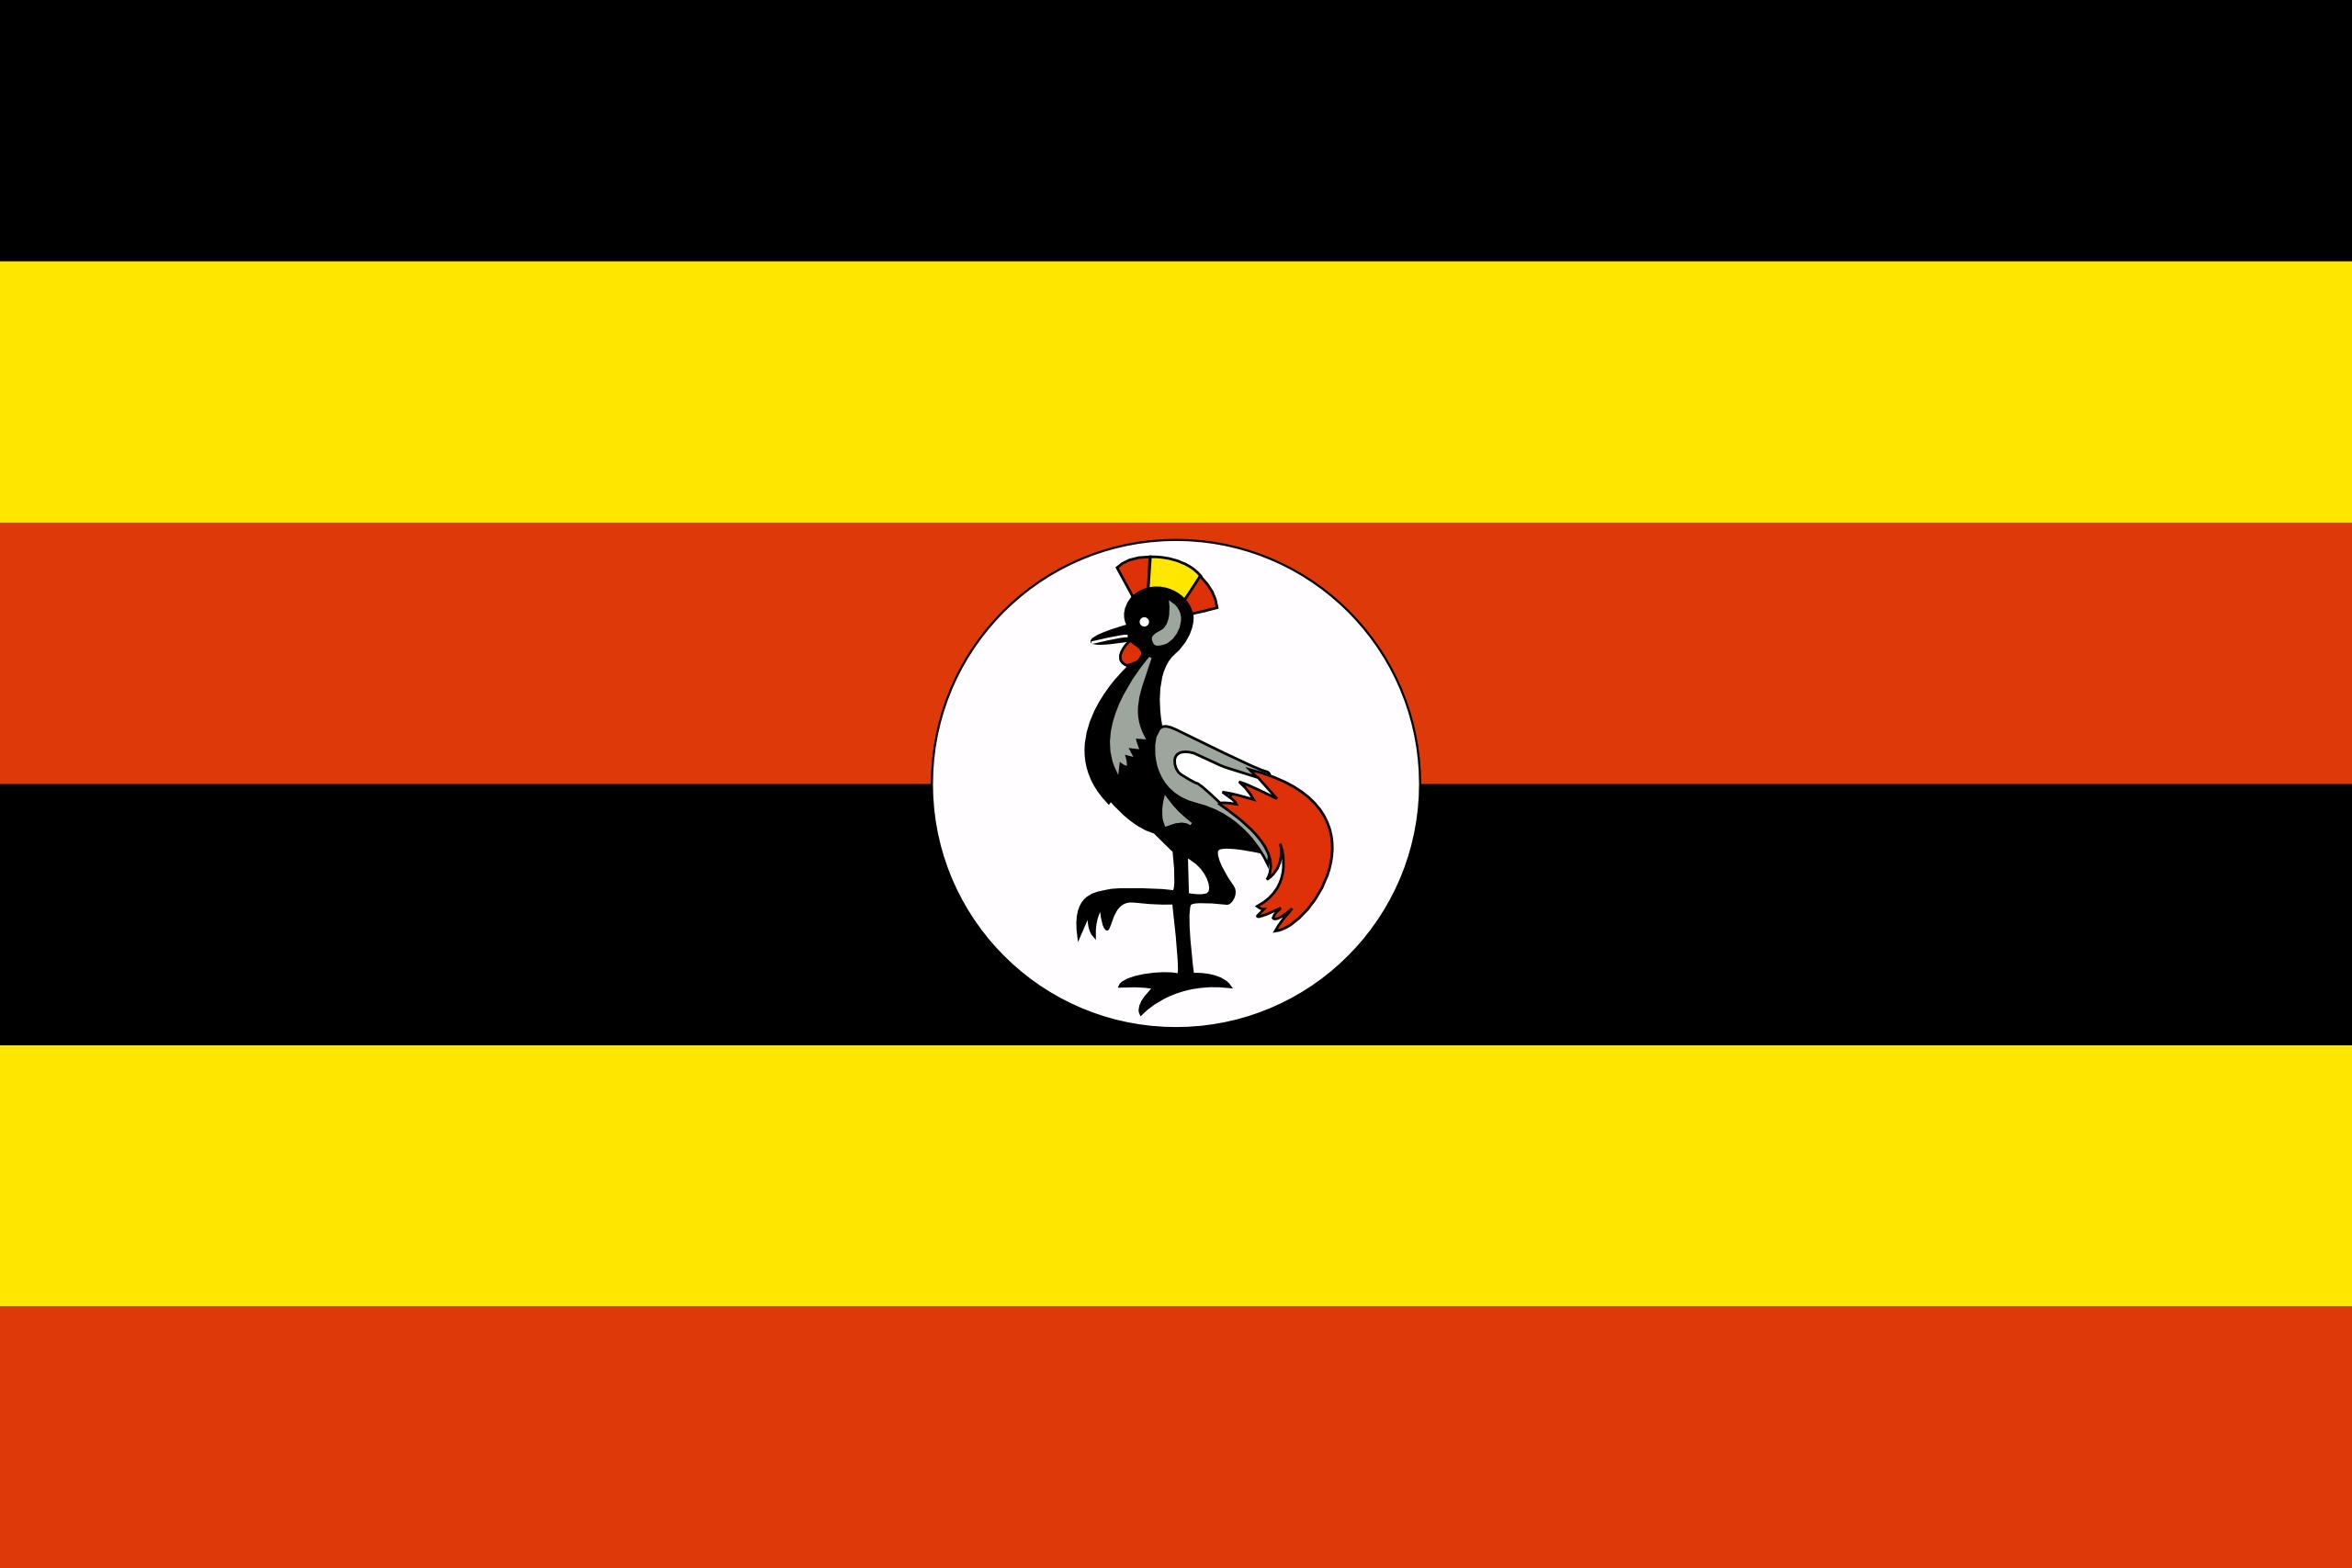 uganda, país, emblema, insignia, シンボル - HD の壁紙 - 教授-falken.com